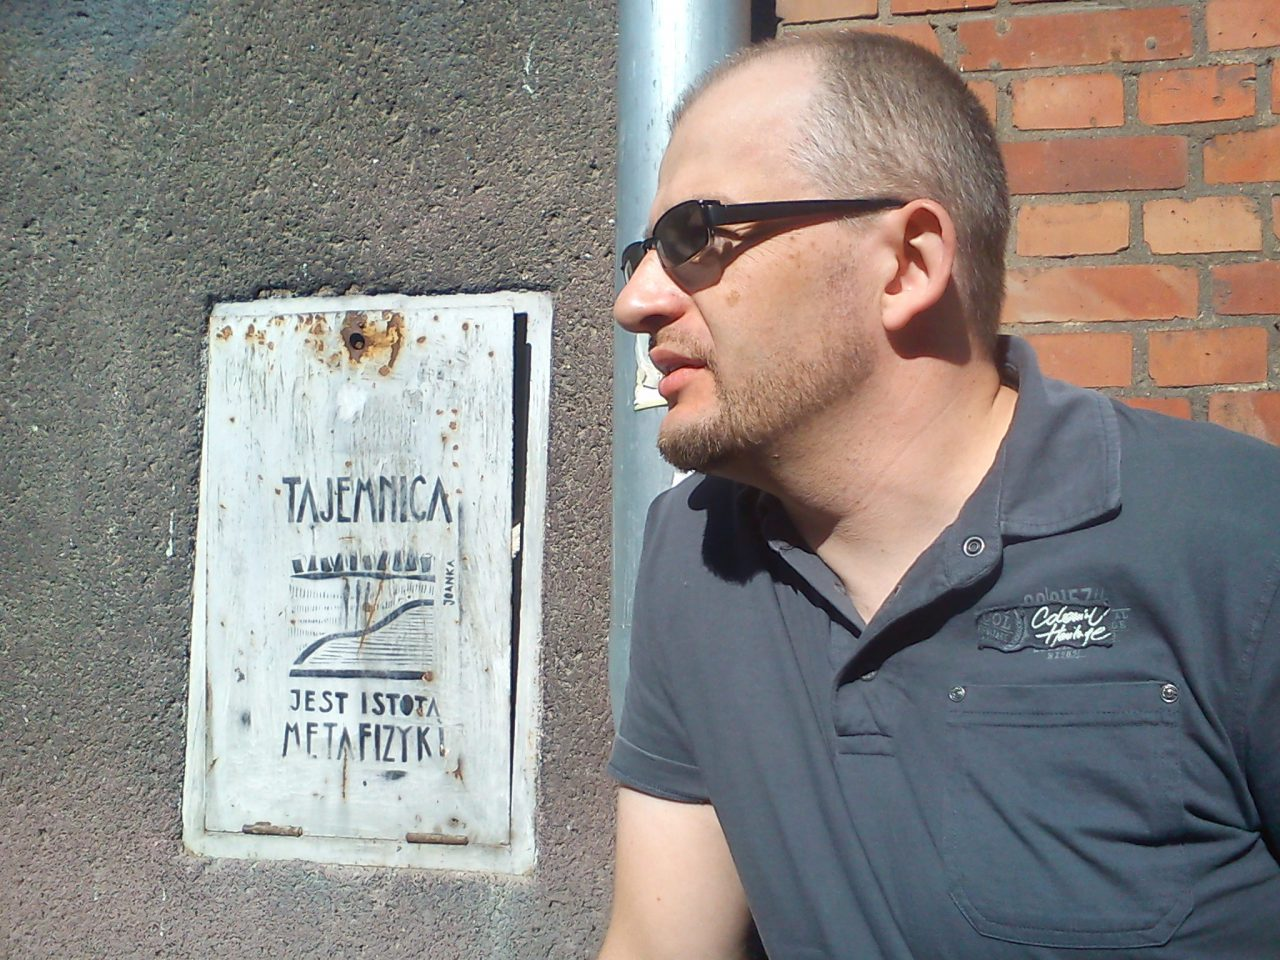 Tomasz Stefaniuk